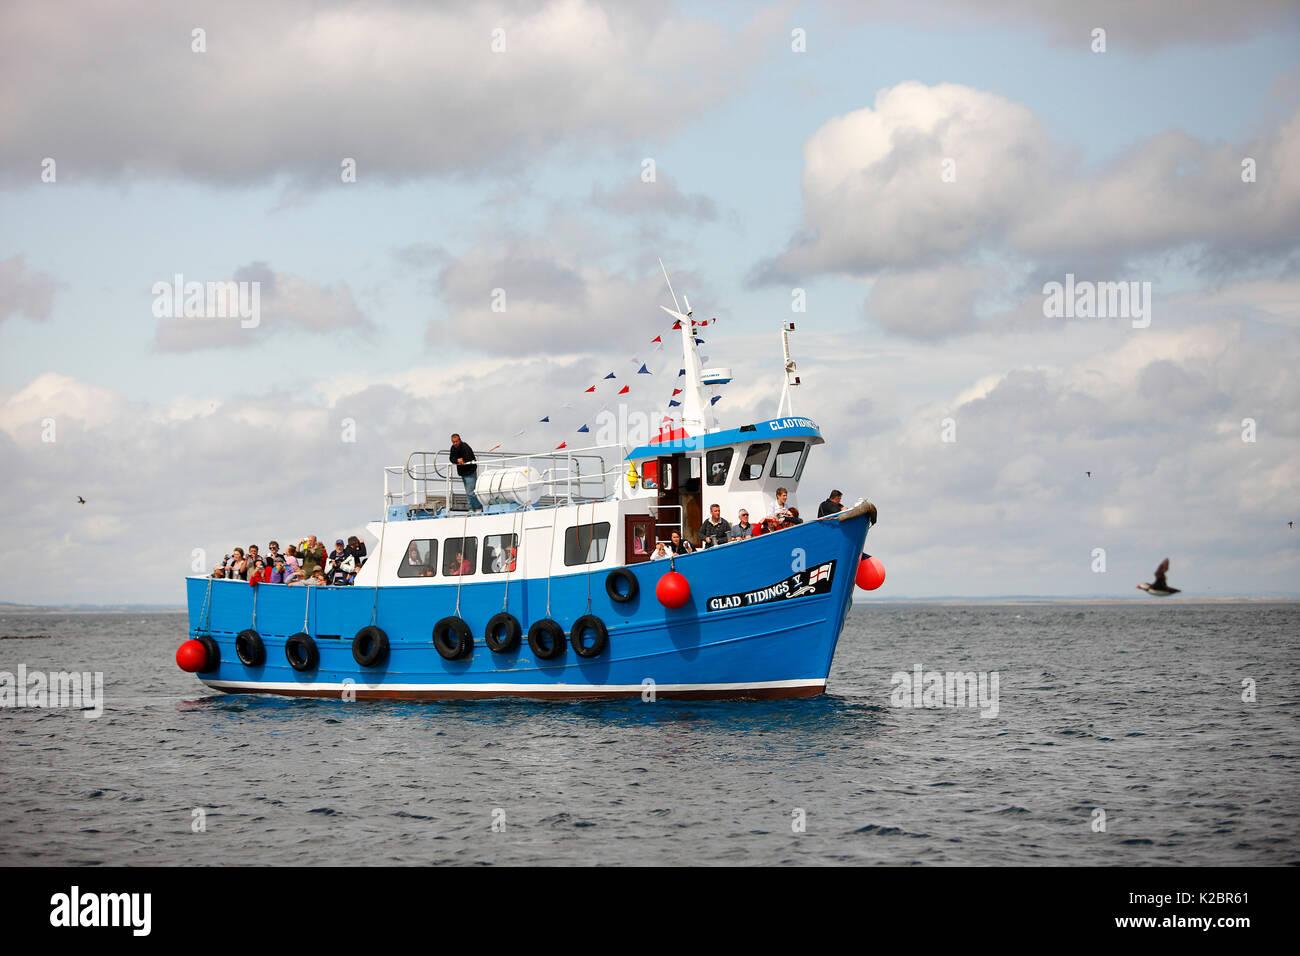 Bateau de passagers voyageant entre les iles Farne et Wooler, Northumberland, England, UK. Juillet 2009. Tous les non-usages de rédaction doivent être effacés individuellement. Photo Stock